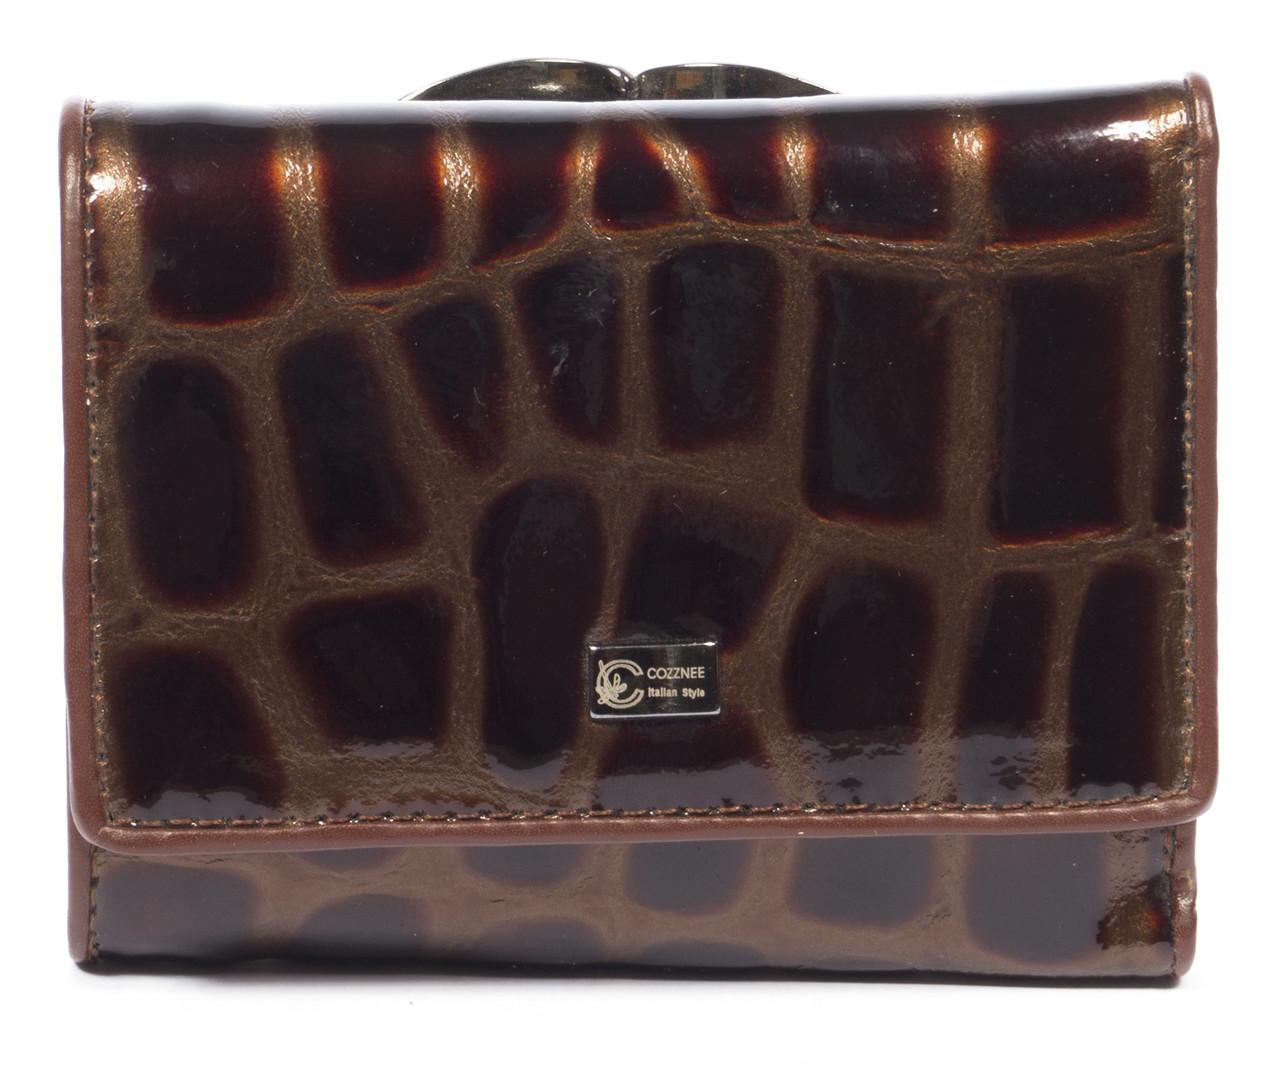 Лаковый женский кожаный кошелек высокого качества COZZNEE art. 38511 коричневый